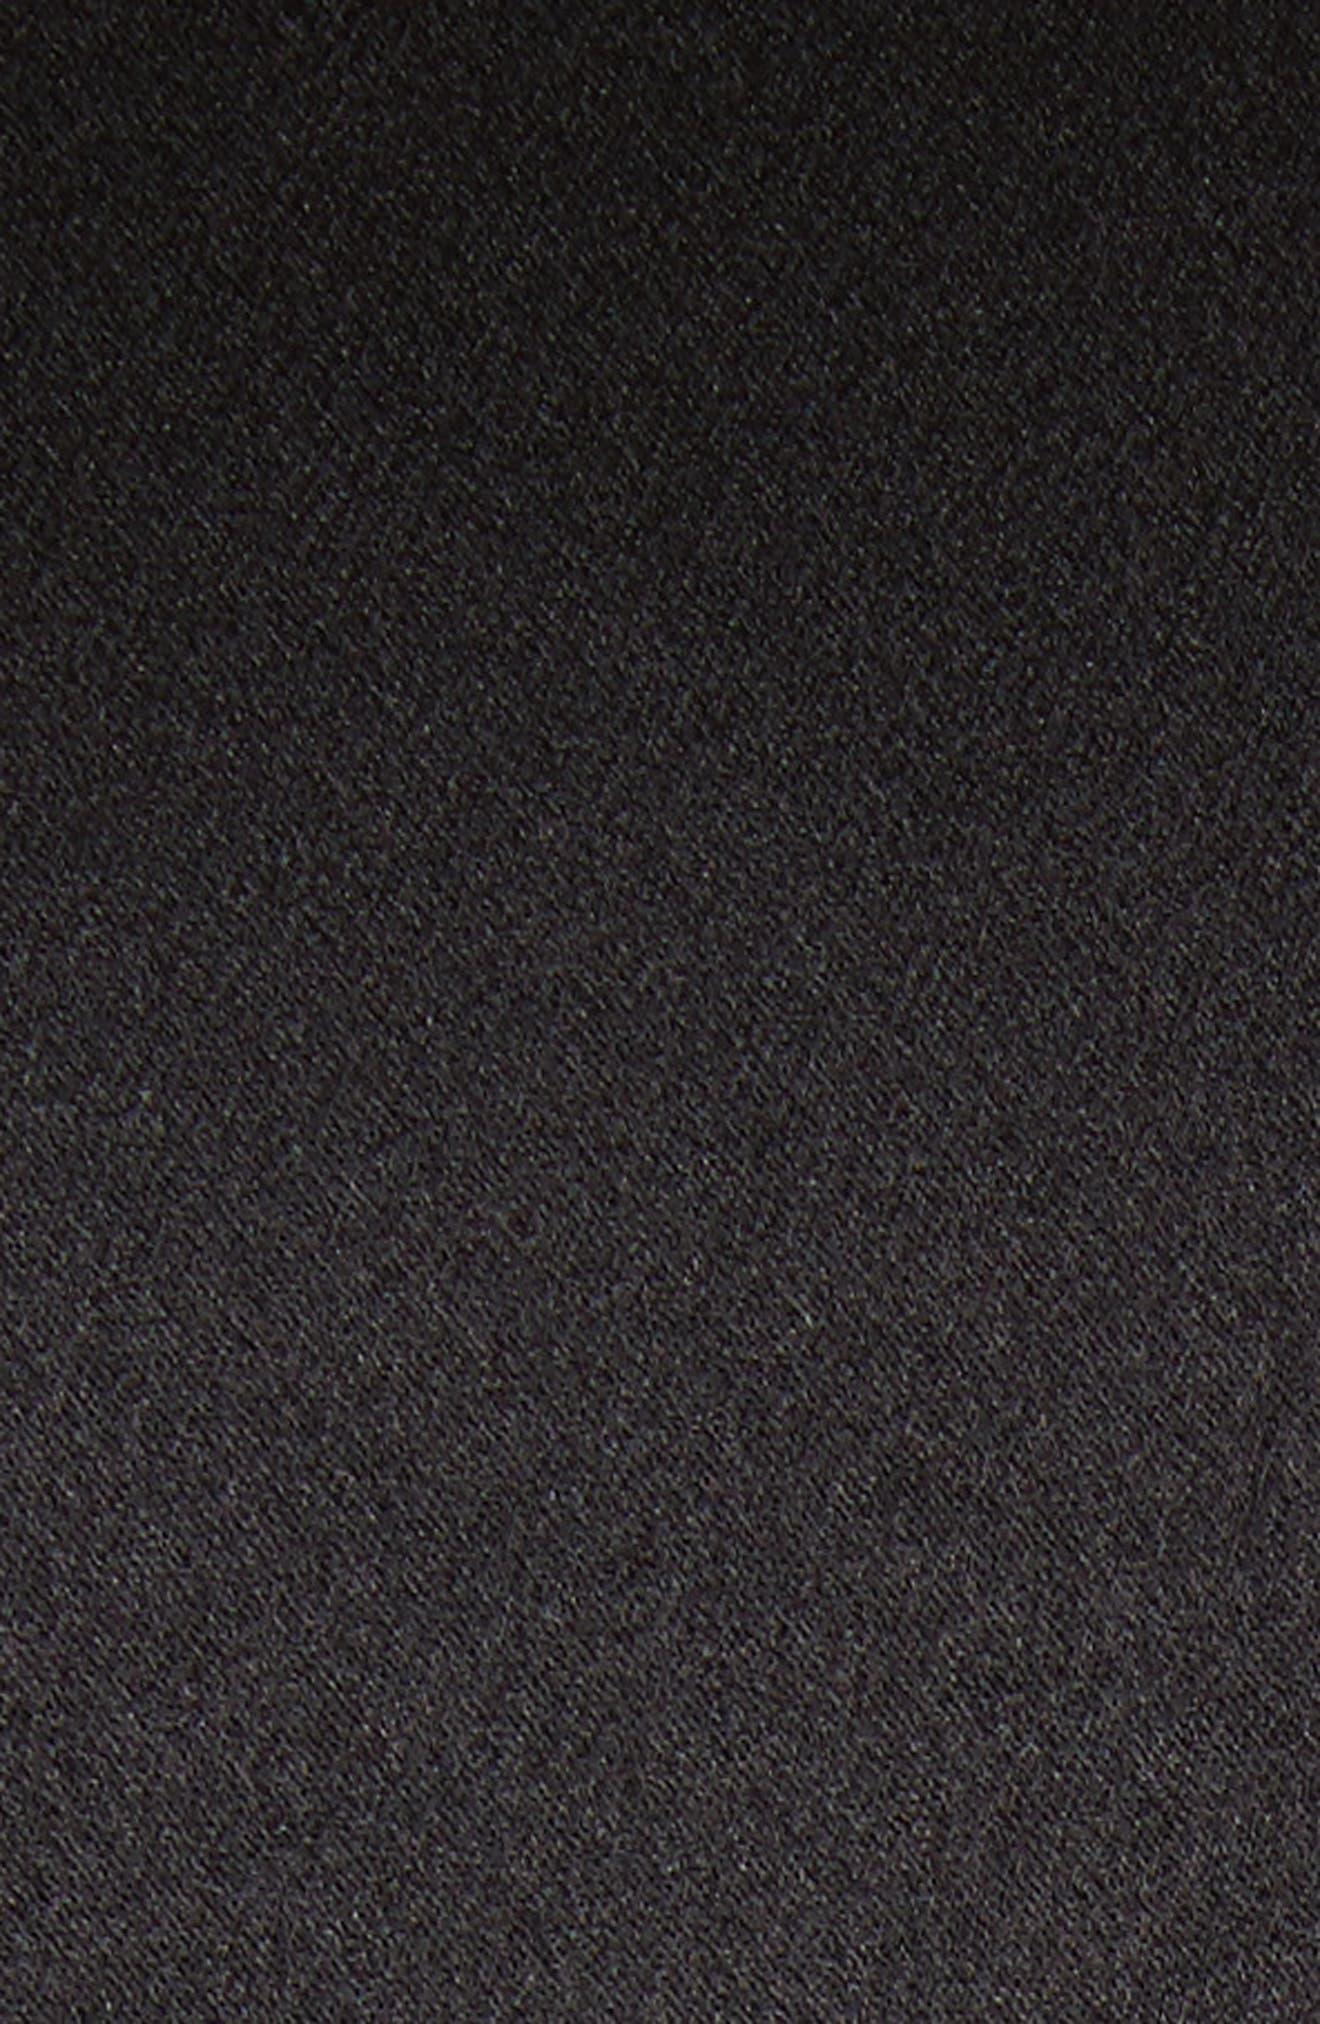 Reversible Souvenir Jacket,                             Alternate thumbnail 6, color,                             017